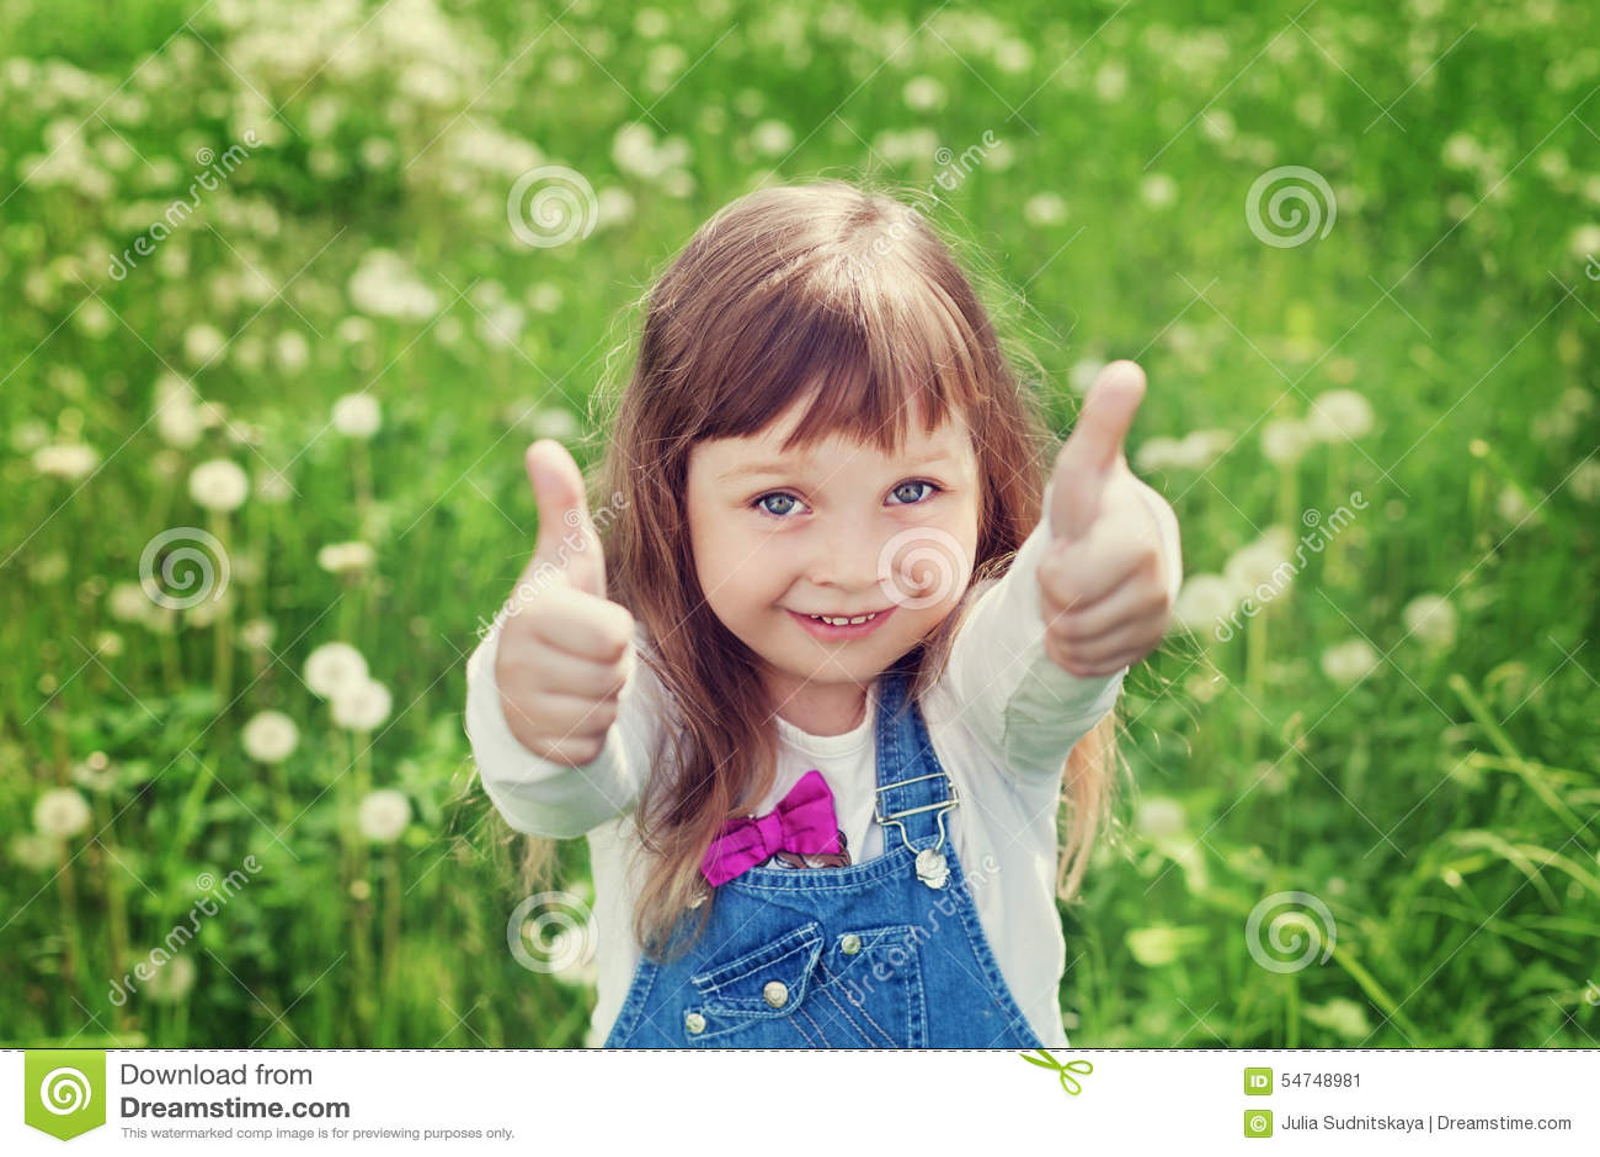 El retrato de la niña linda con los pulgares para arriba muestra una clase en el prado de la flor, concepto feliz de la niñez, ni